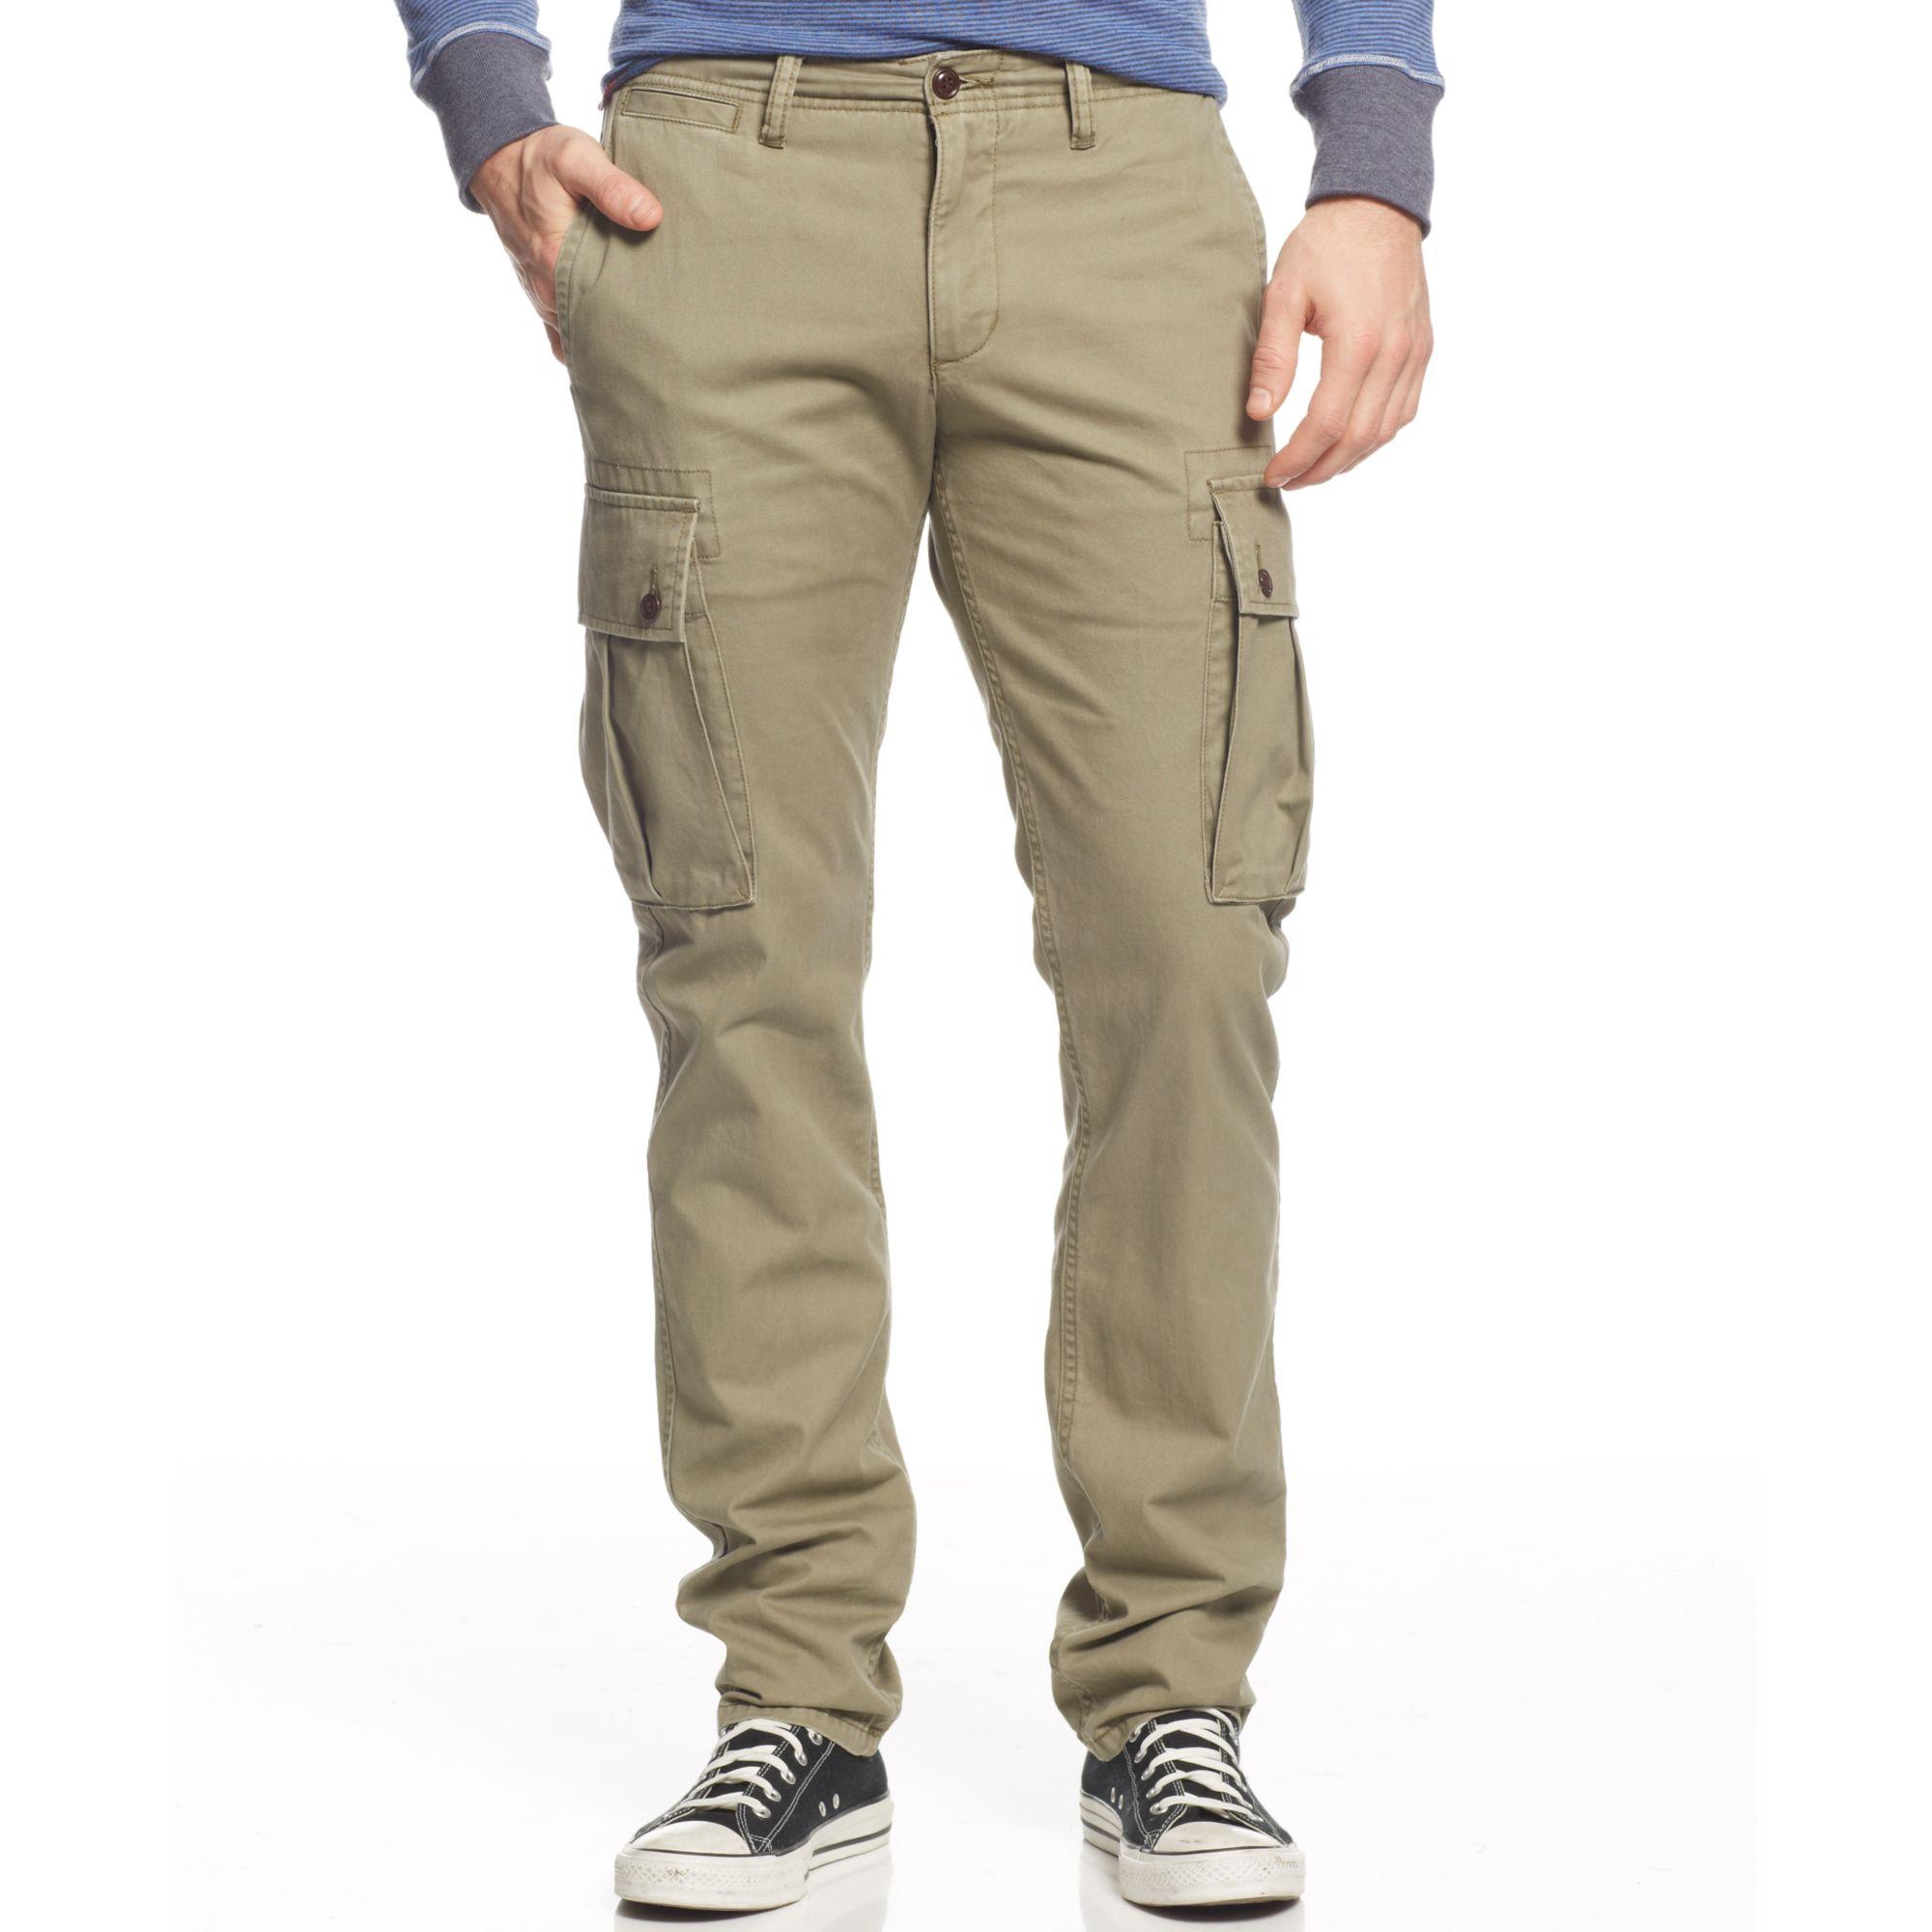 Olive Jeans Mens